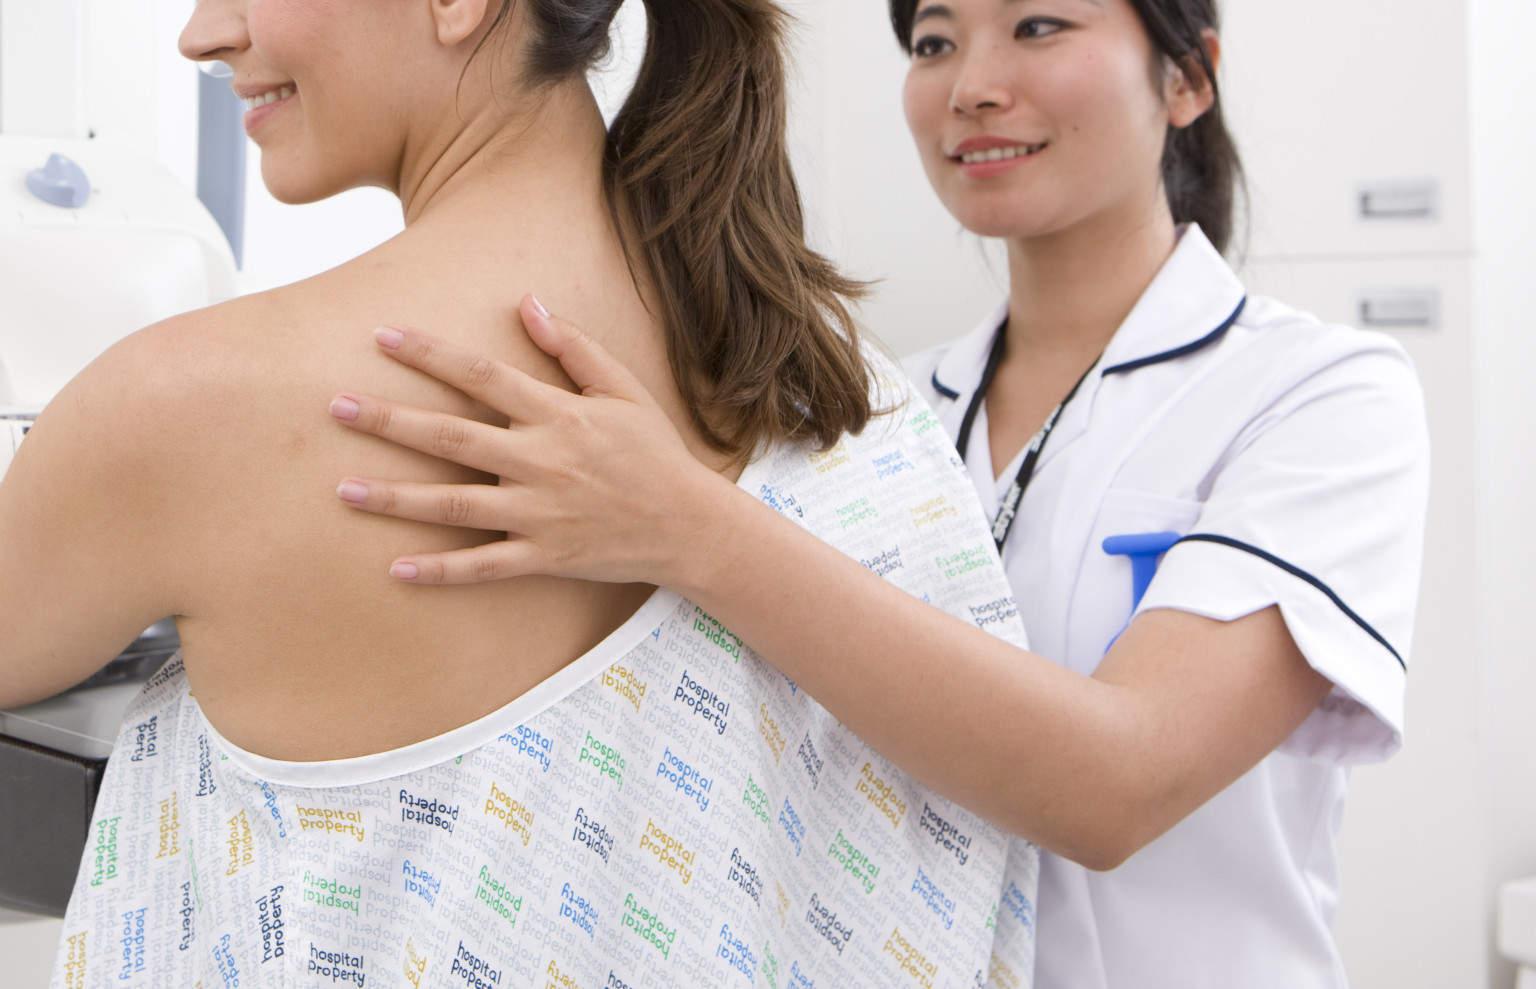 Thiết bị mới giúp phát hiện ung thư vú sớm